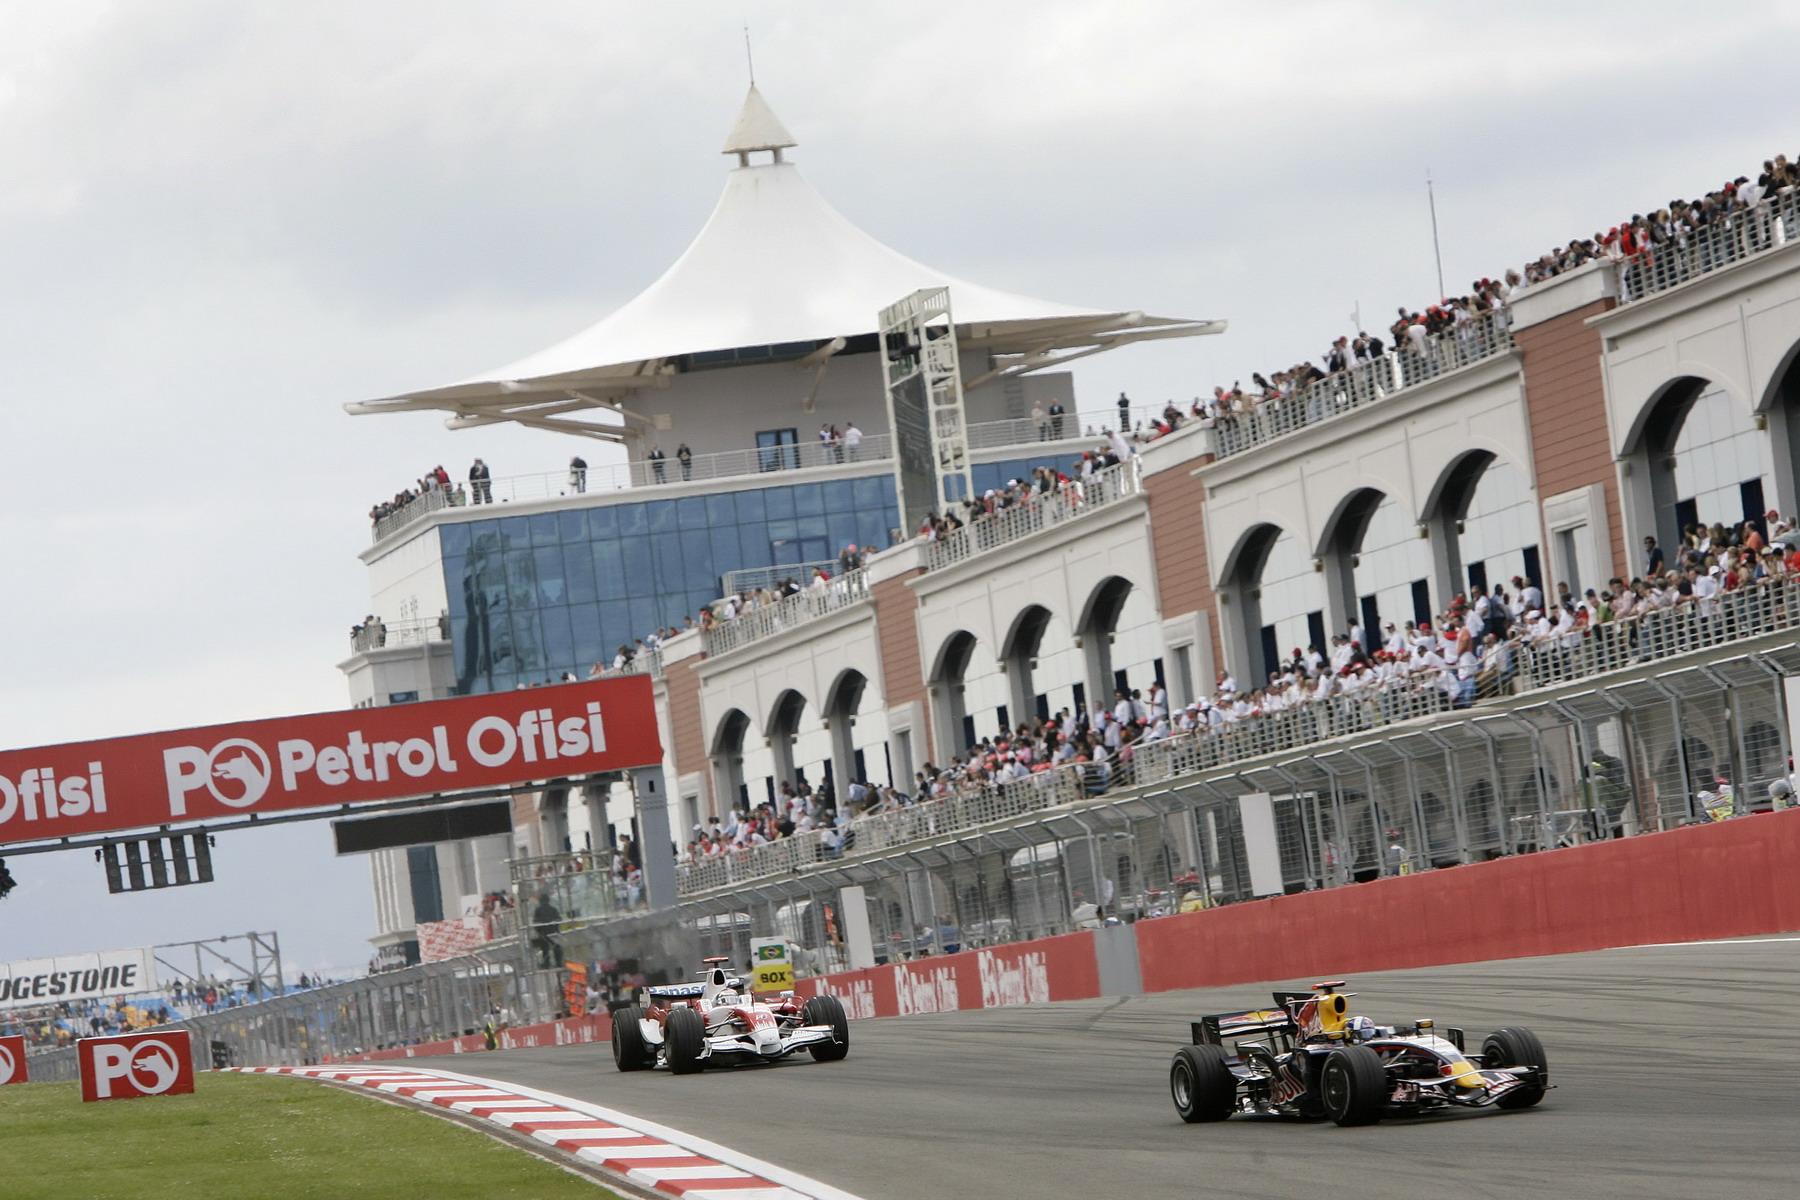 Photo of Petrol fiyatlarının Formula 1 üzerindeki etkisi